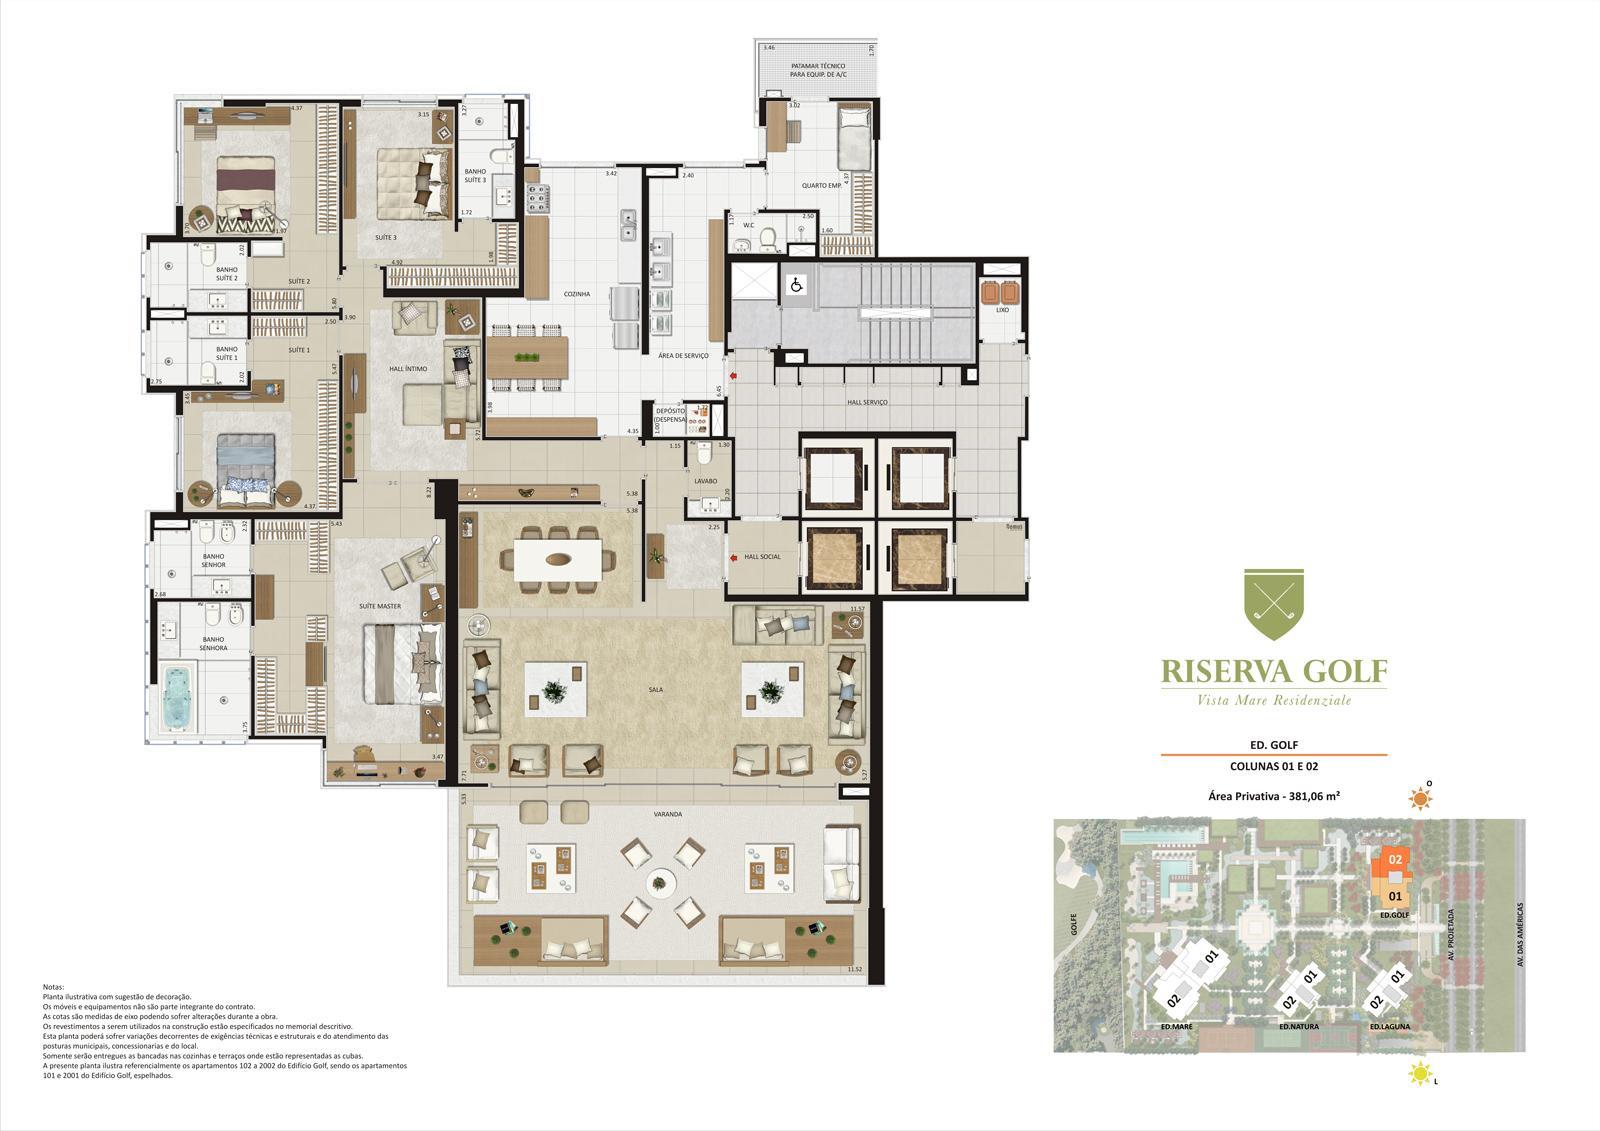 Edifício Golf - Colunas 1 e 2 Apartamentos de 381,06m² com 4 suítes | Riserva Golf Vista Mare Residenziale – Apartamento na  Barra da Tijuca - Rio de Janeiro - Rio de Janeiro